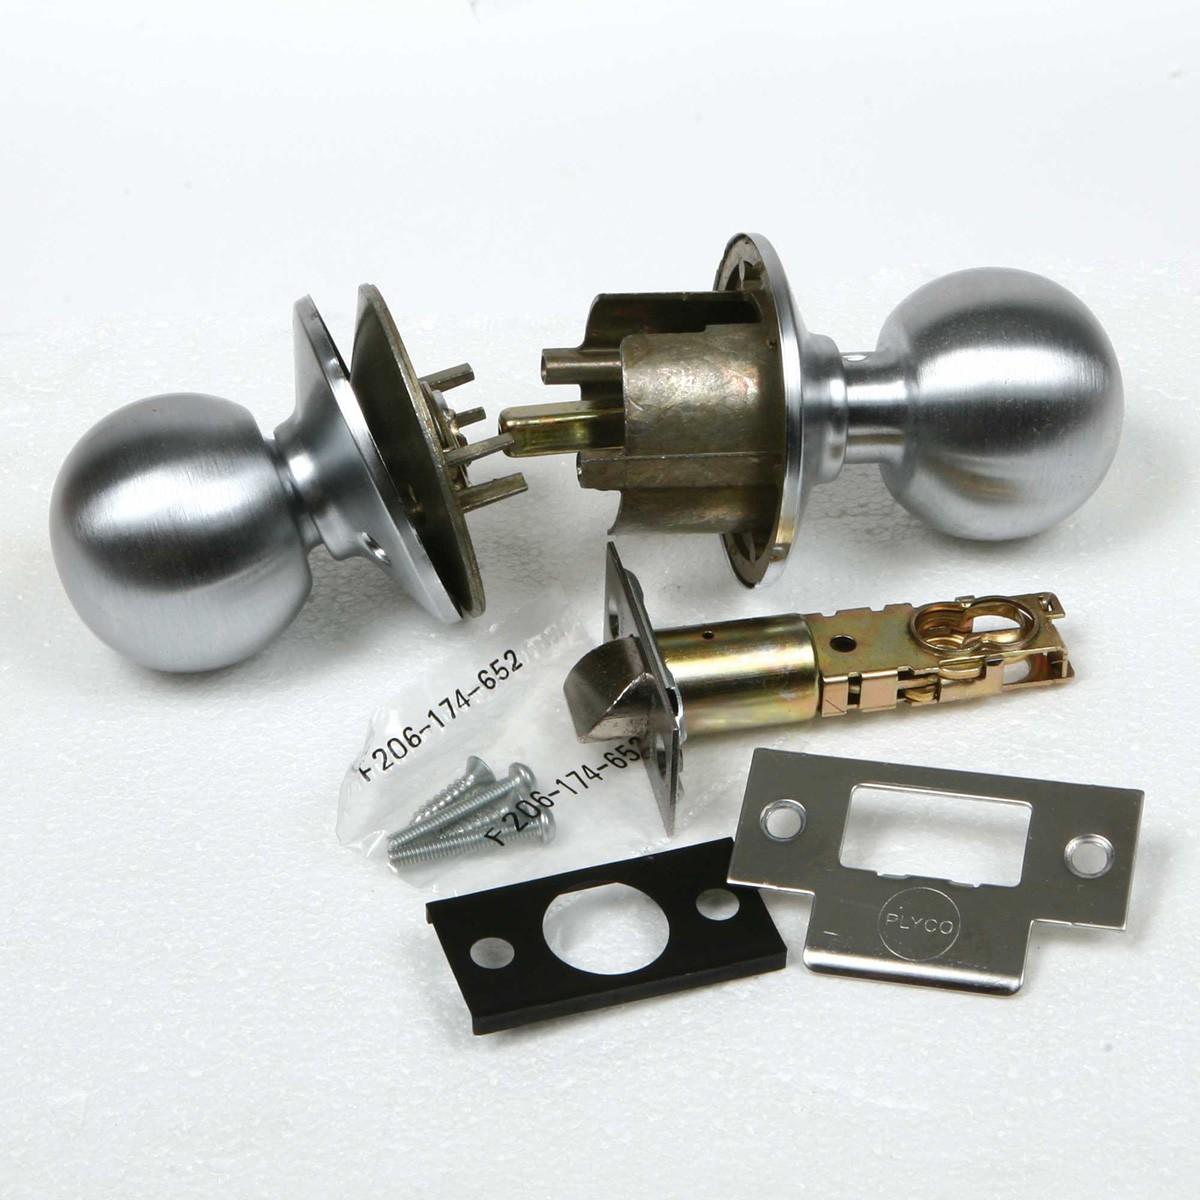 parts of door knob photo - 3